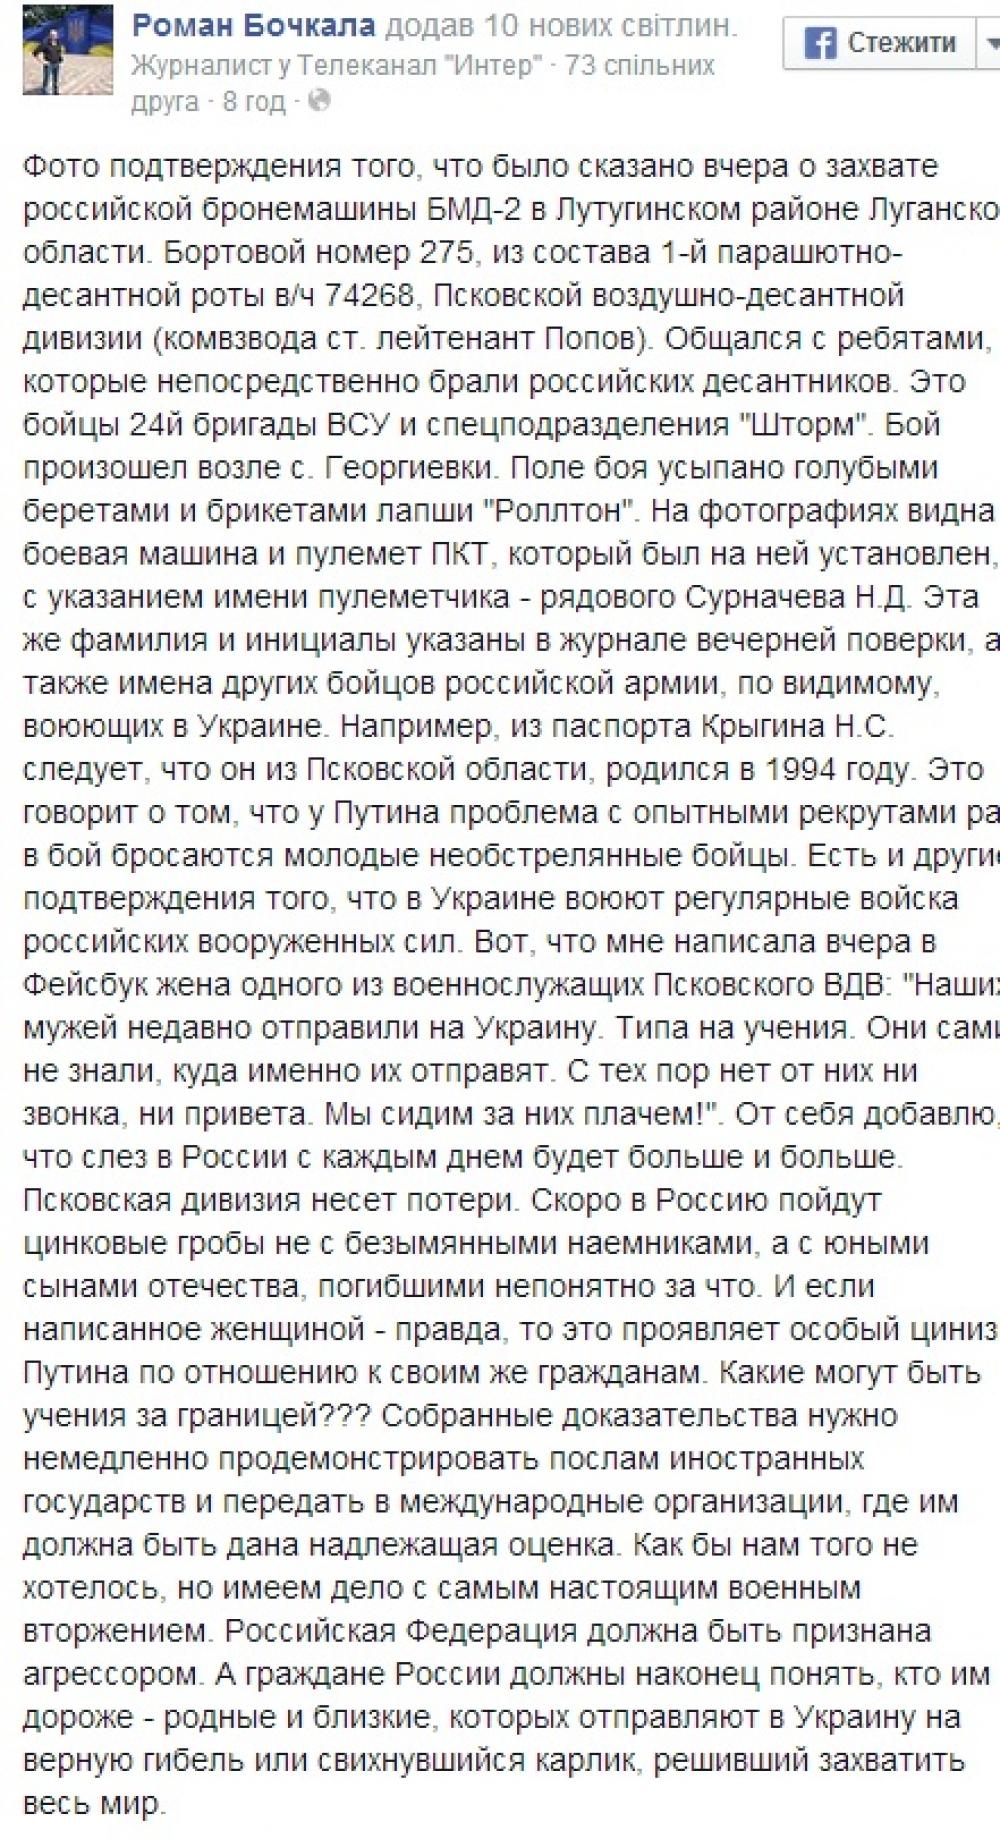 http://dumskaya.net/pics1/c15007-1408632600.jpg